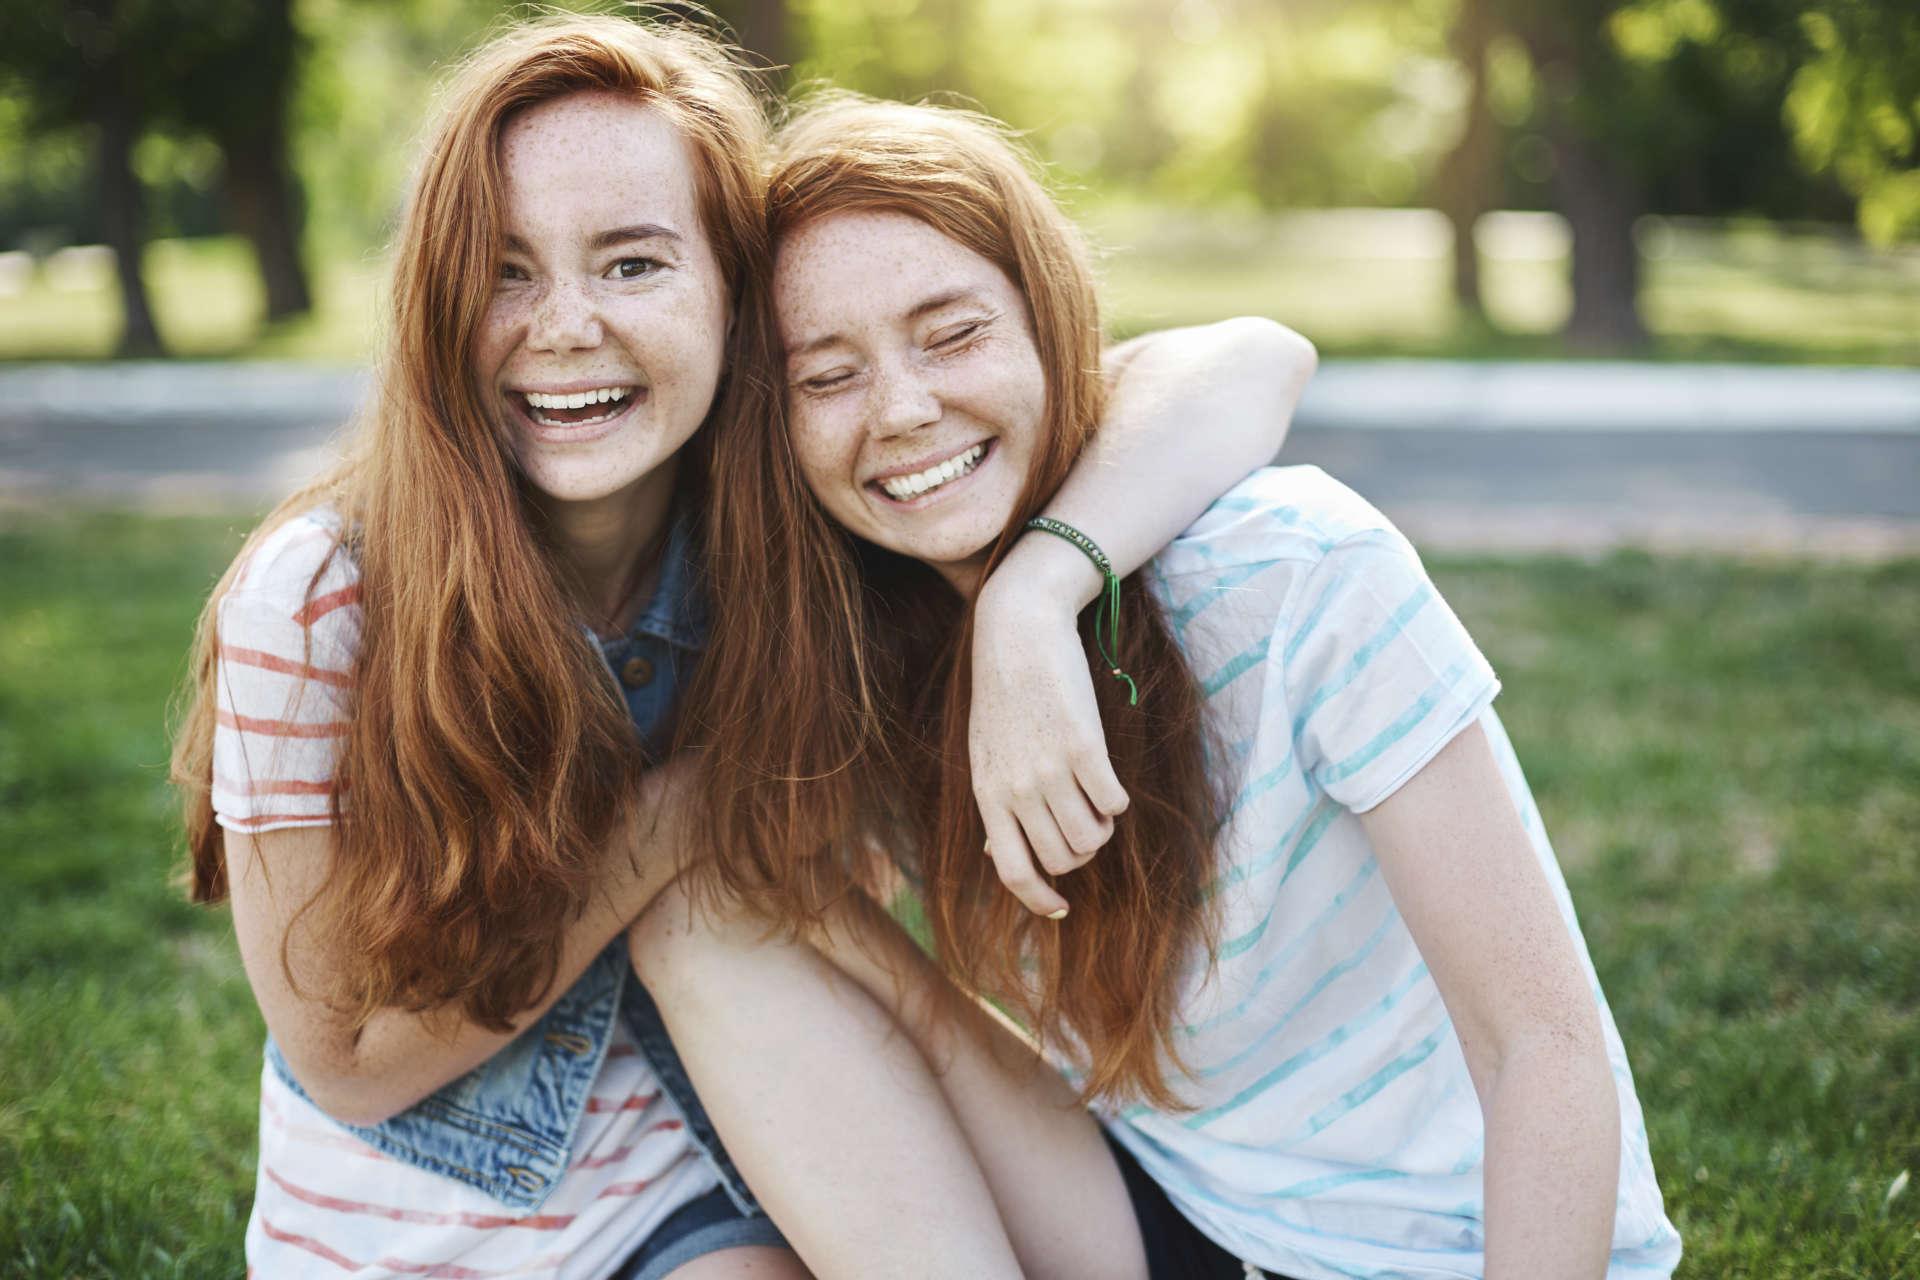 Tvillingsystrar Epigenetik Bioresurs Arv och miljö Fascinerande forskning